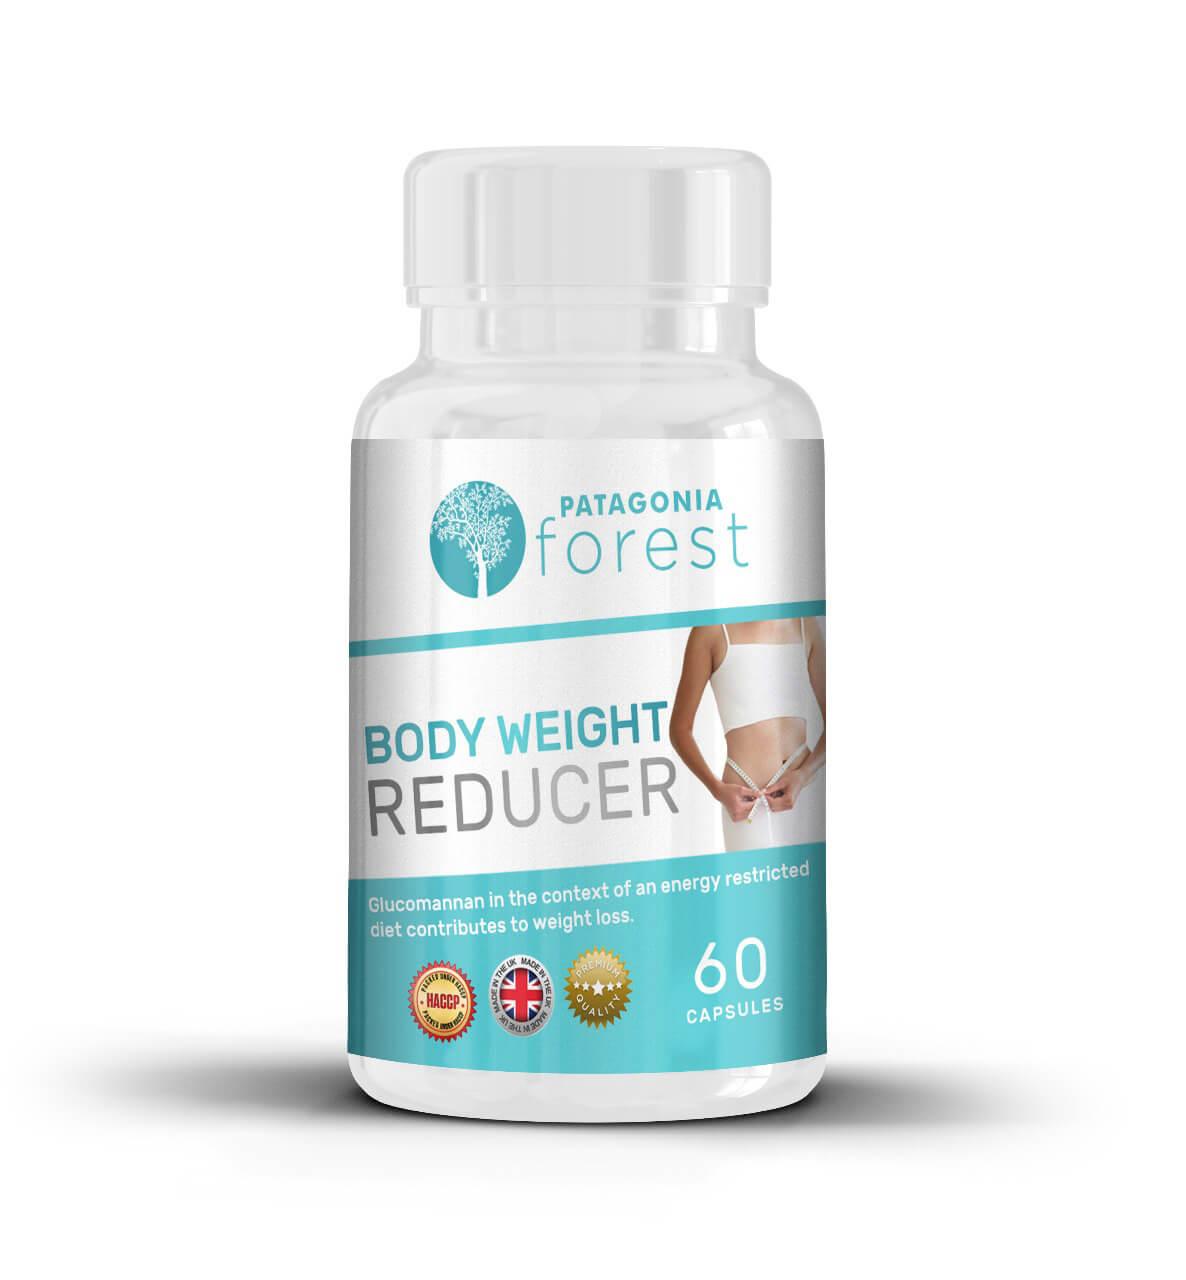 Patagonia Forest Body weight reducer - prírodná redukcia telesného tuku 1x 60 kapsúl